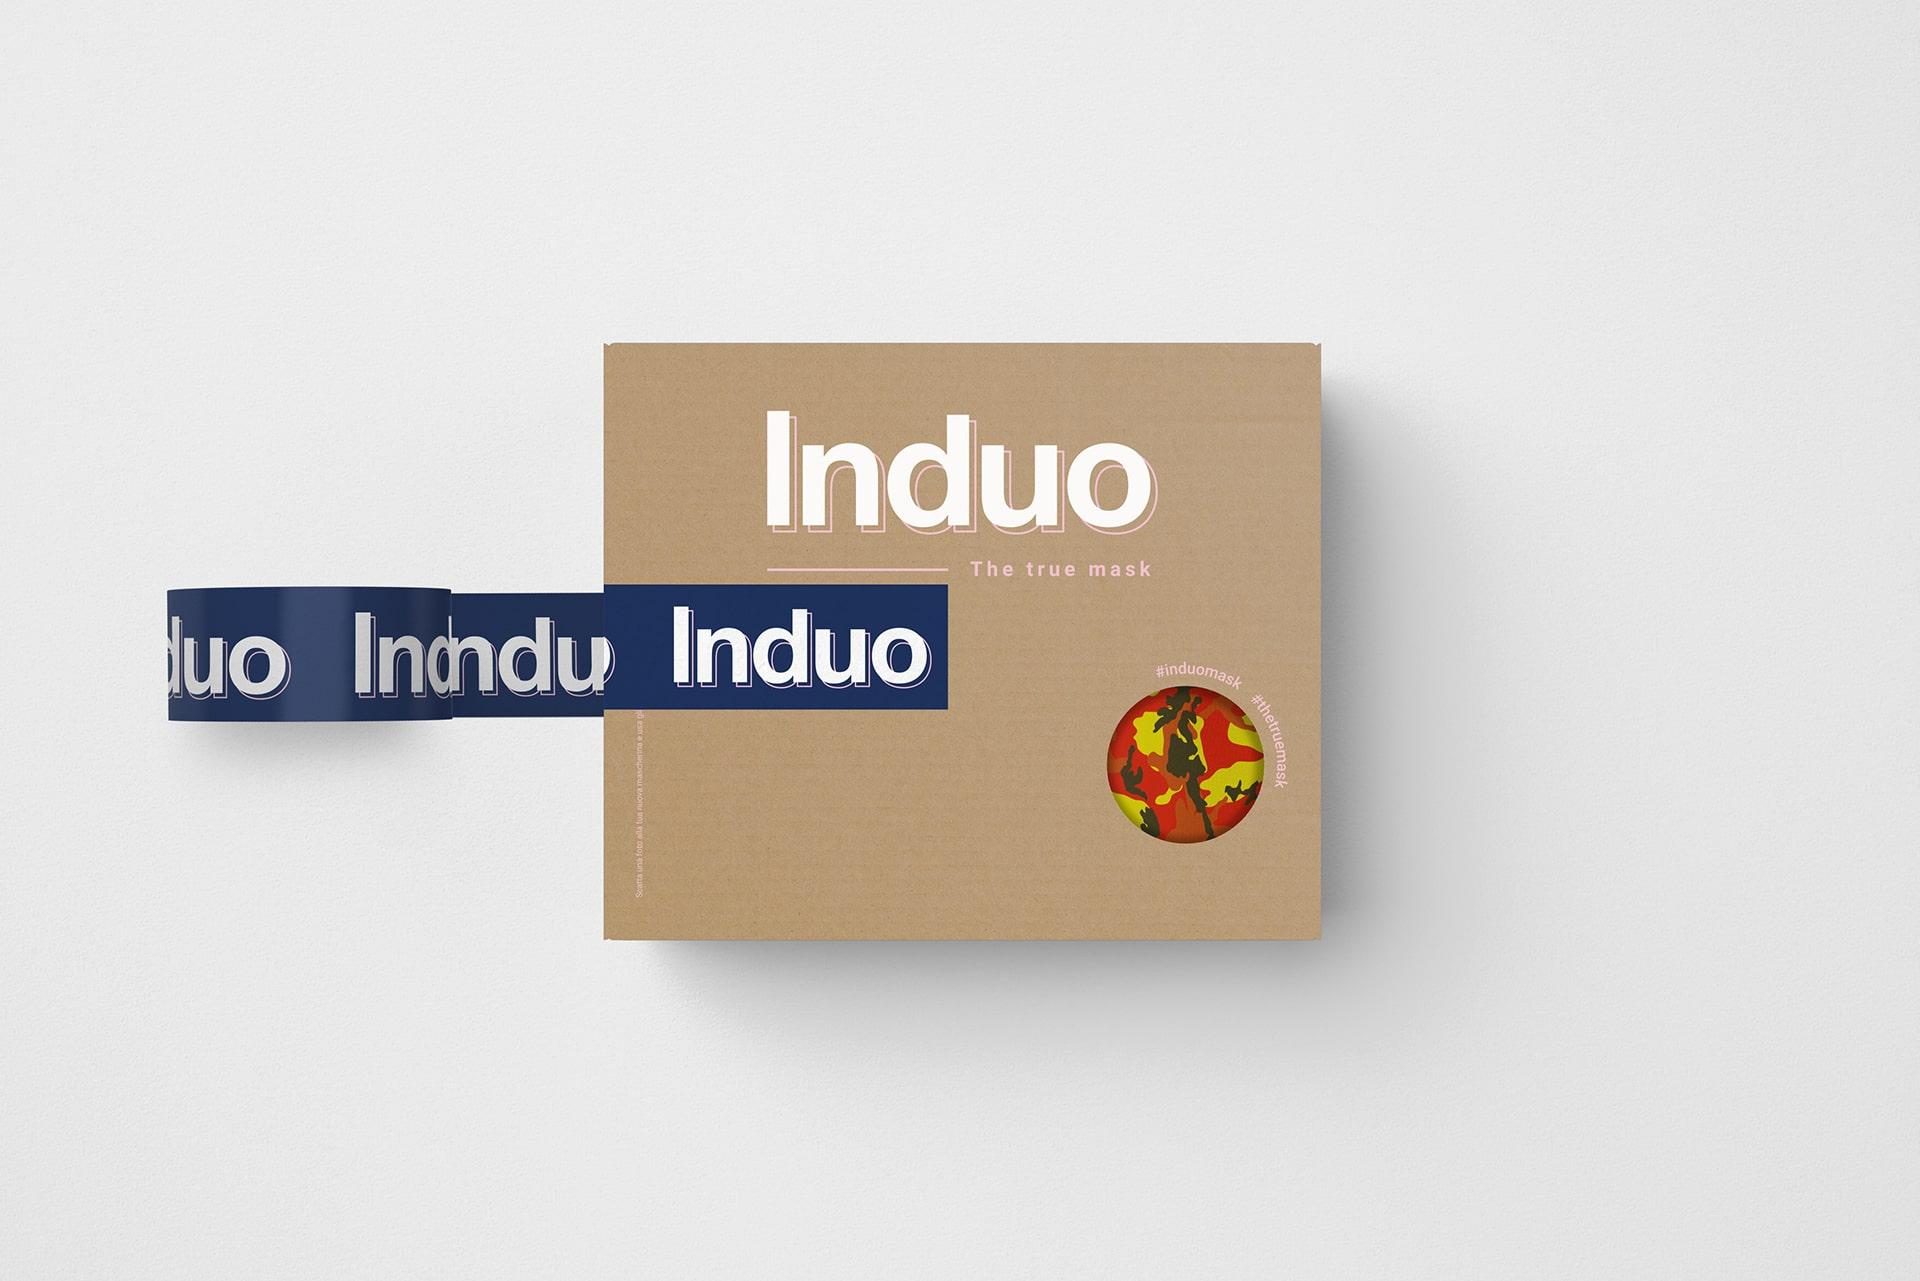 Induo pack